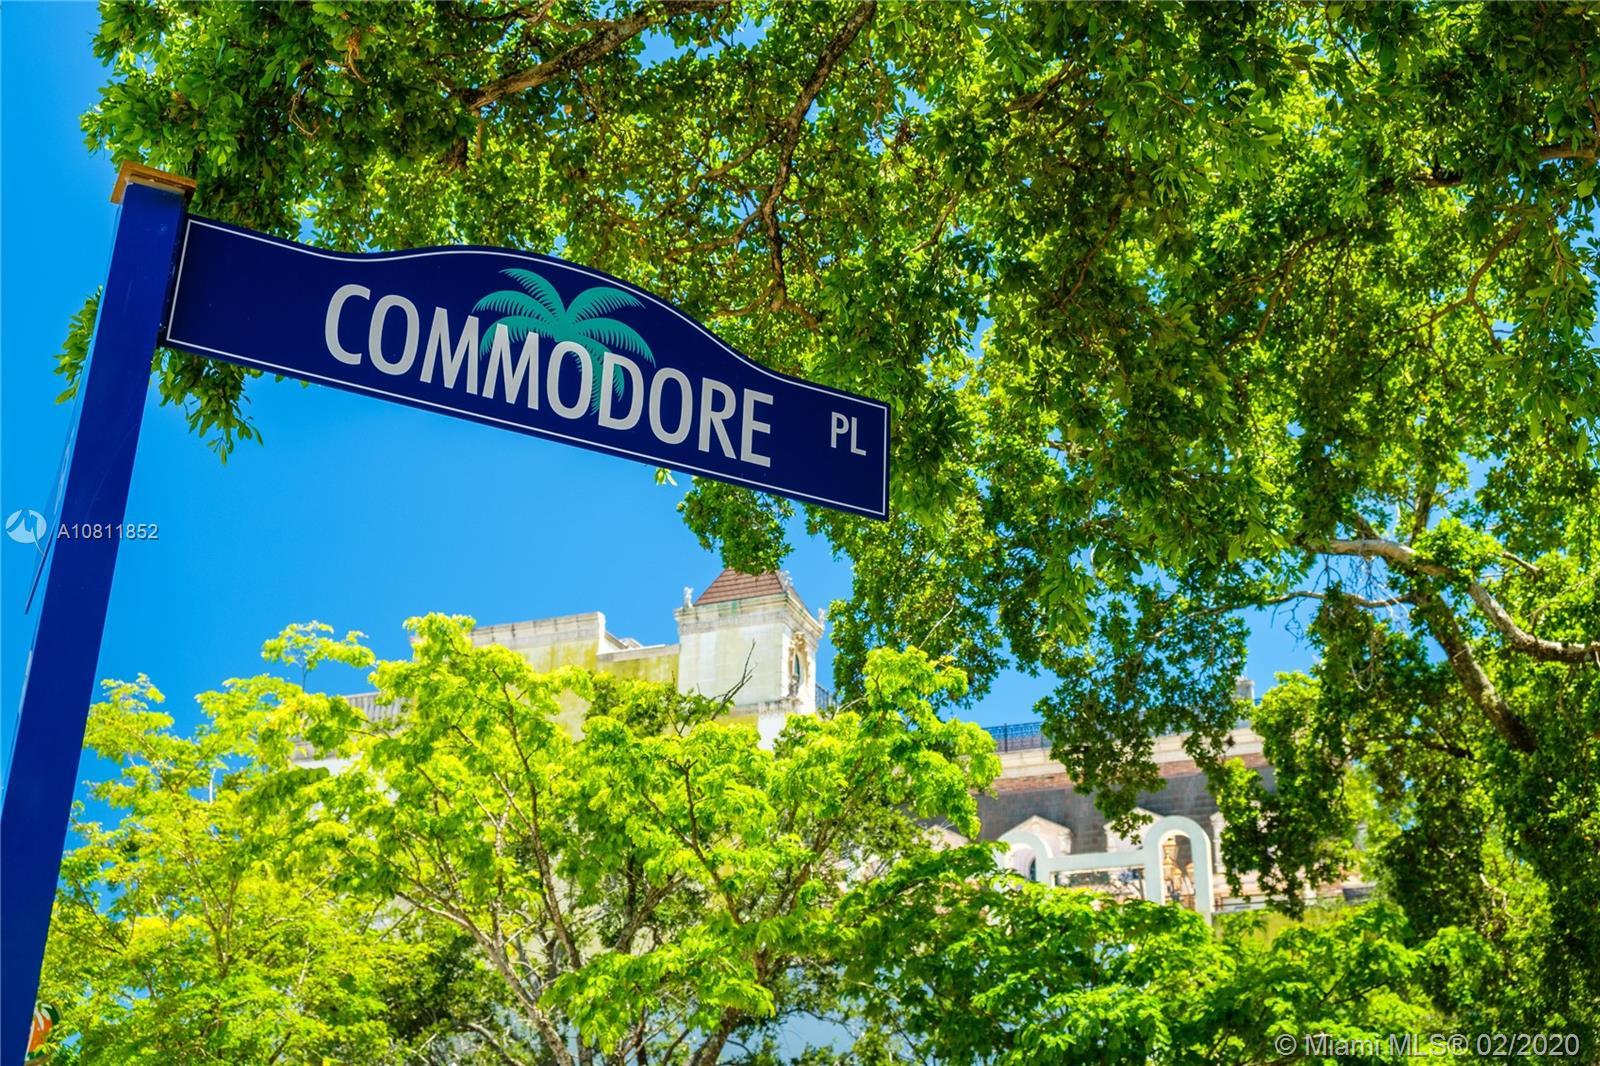 3121  Commodore Plz #303 For Sale A10811852, FL